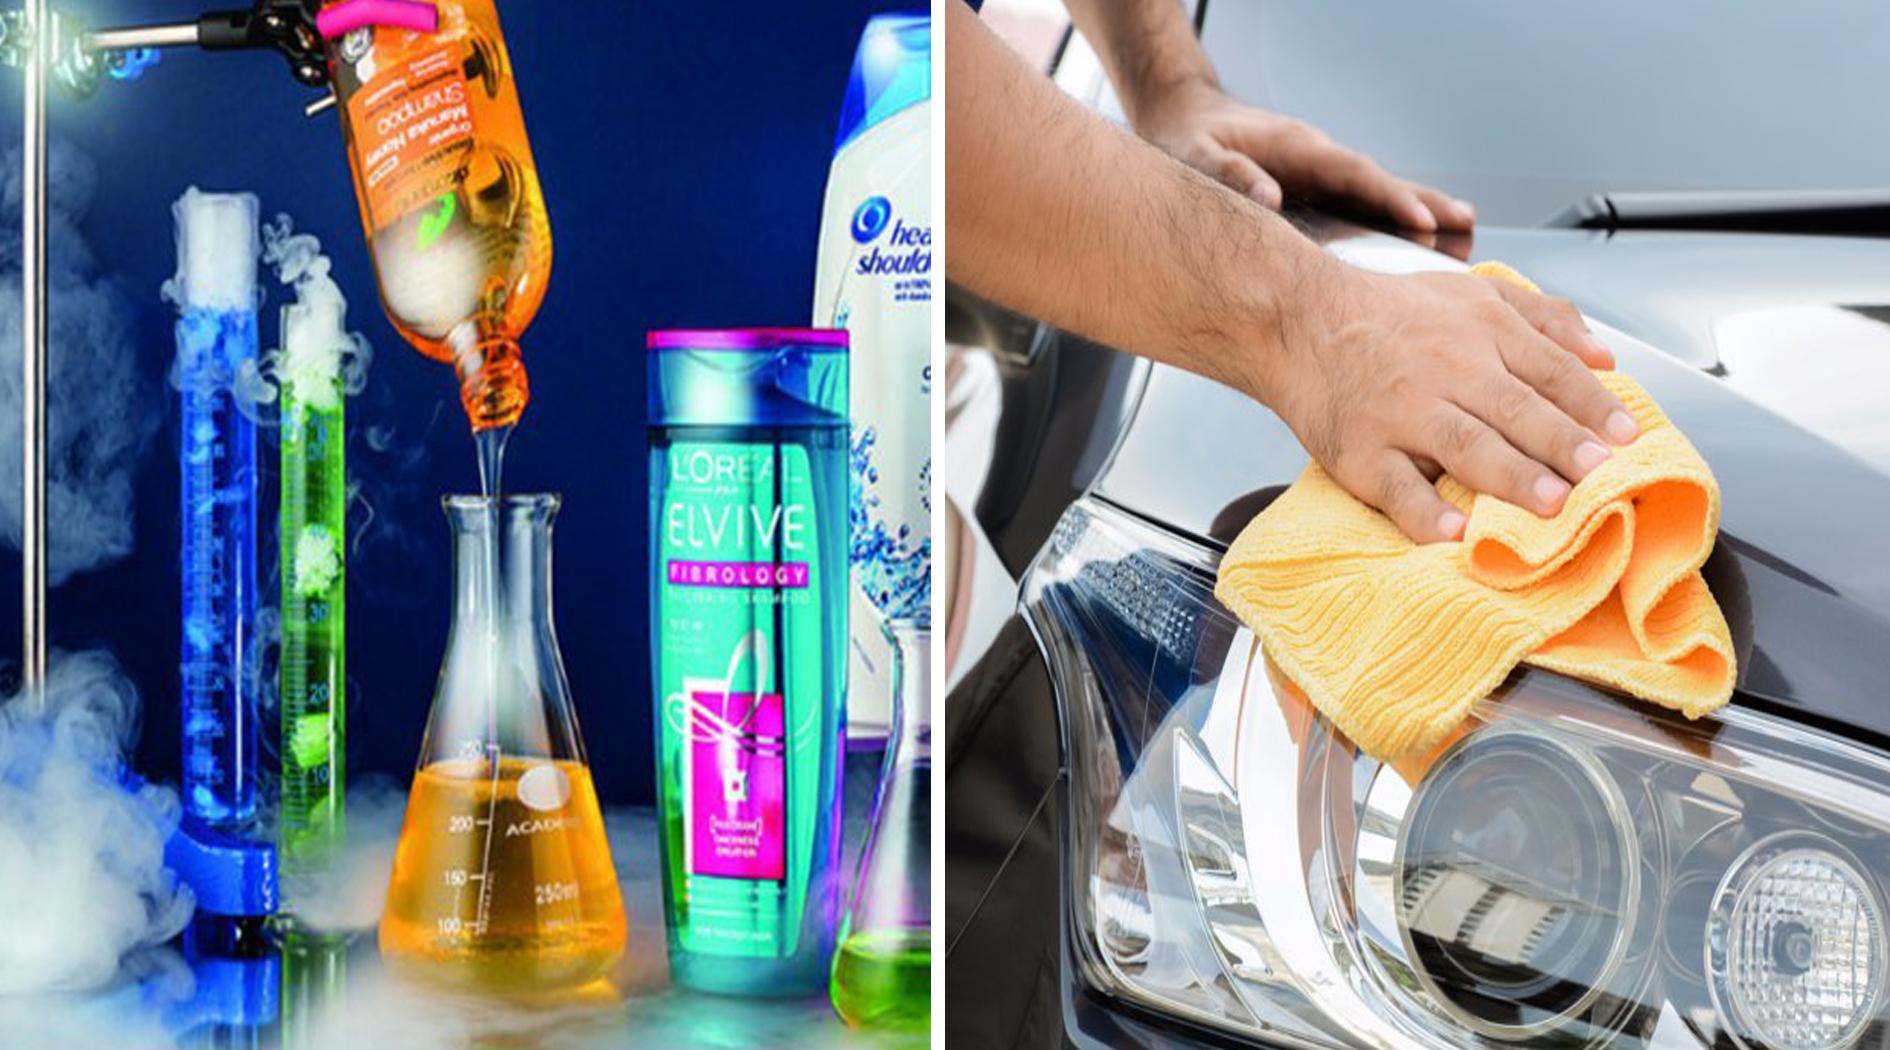 Вы можете отполировать ваш автомобиль этим известным средством для волос